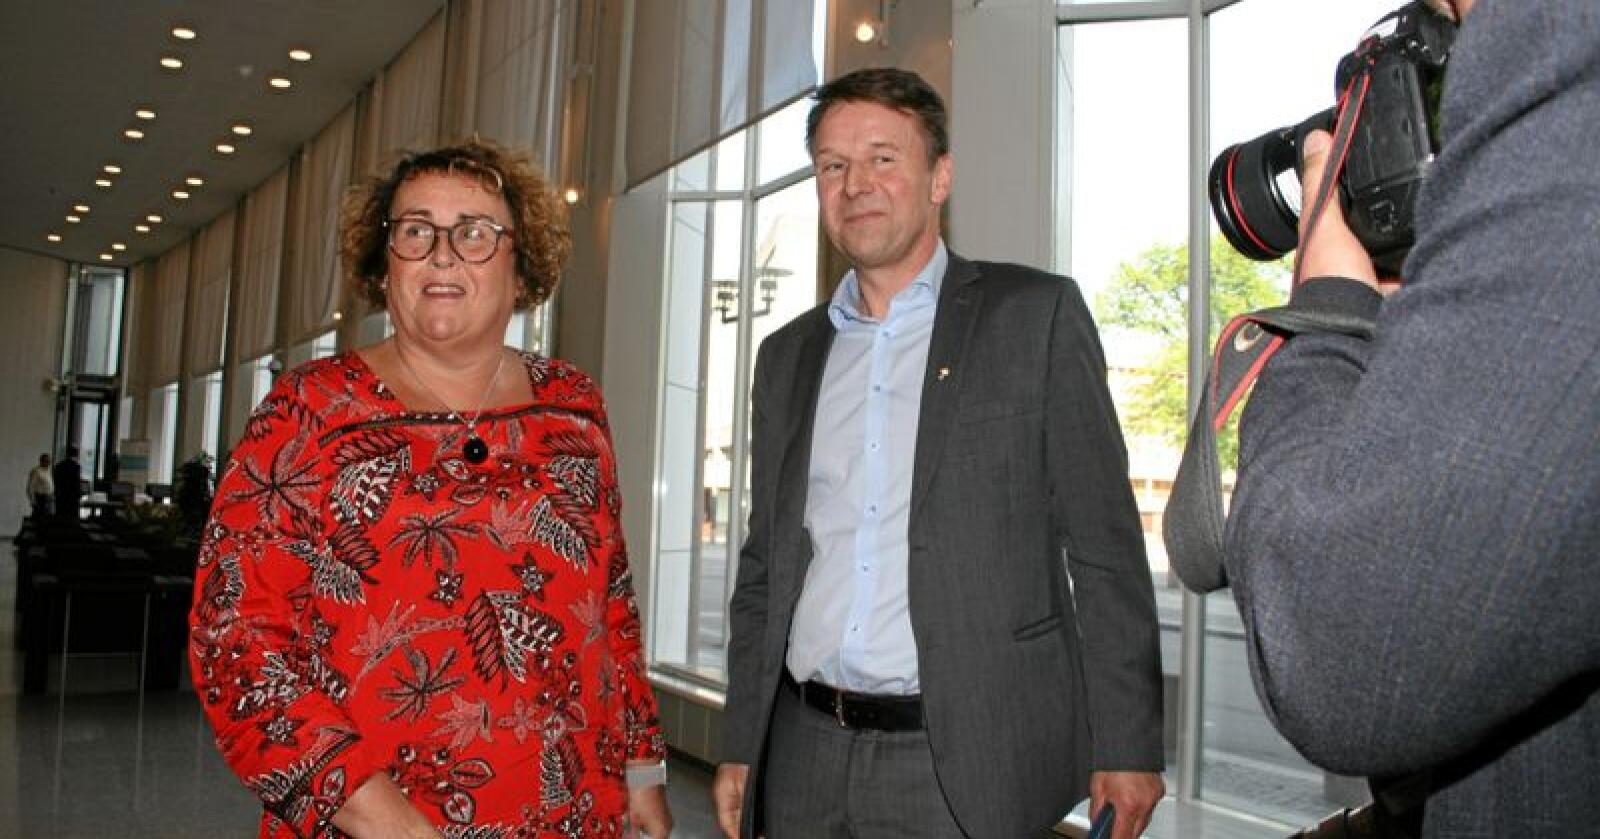 KrF-statsråd: For første gong på 20 år har KrF, ved Olaug Bollestad (t.v.), landbruks- og matminister-posten under jordbruksforhandlingane. Her saman med Lars Petter Bartnes (t.h.), leiar i Norges Bondelag, før framlegginga av jordbruksavtalen torsdag. Foto: Bjarne Bekkeheien Aase